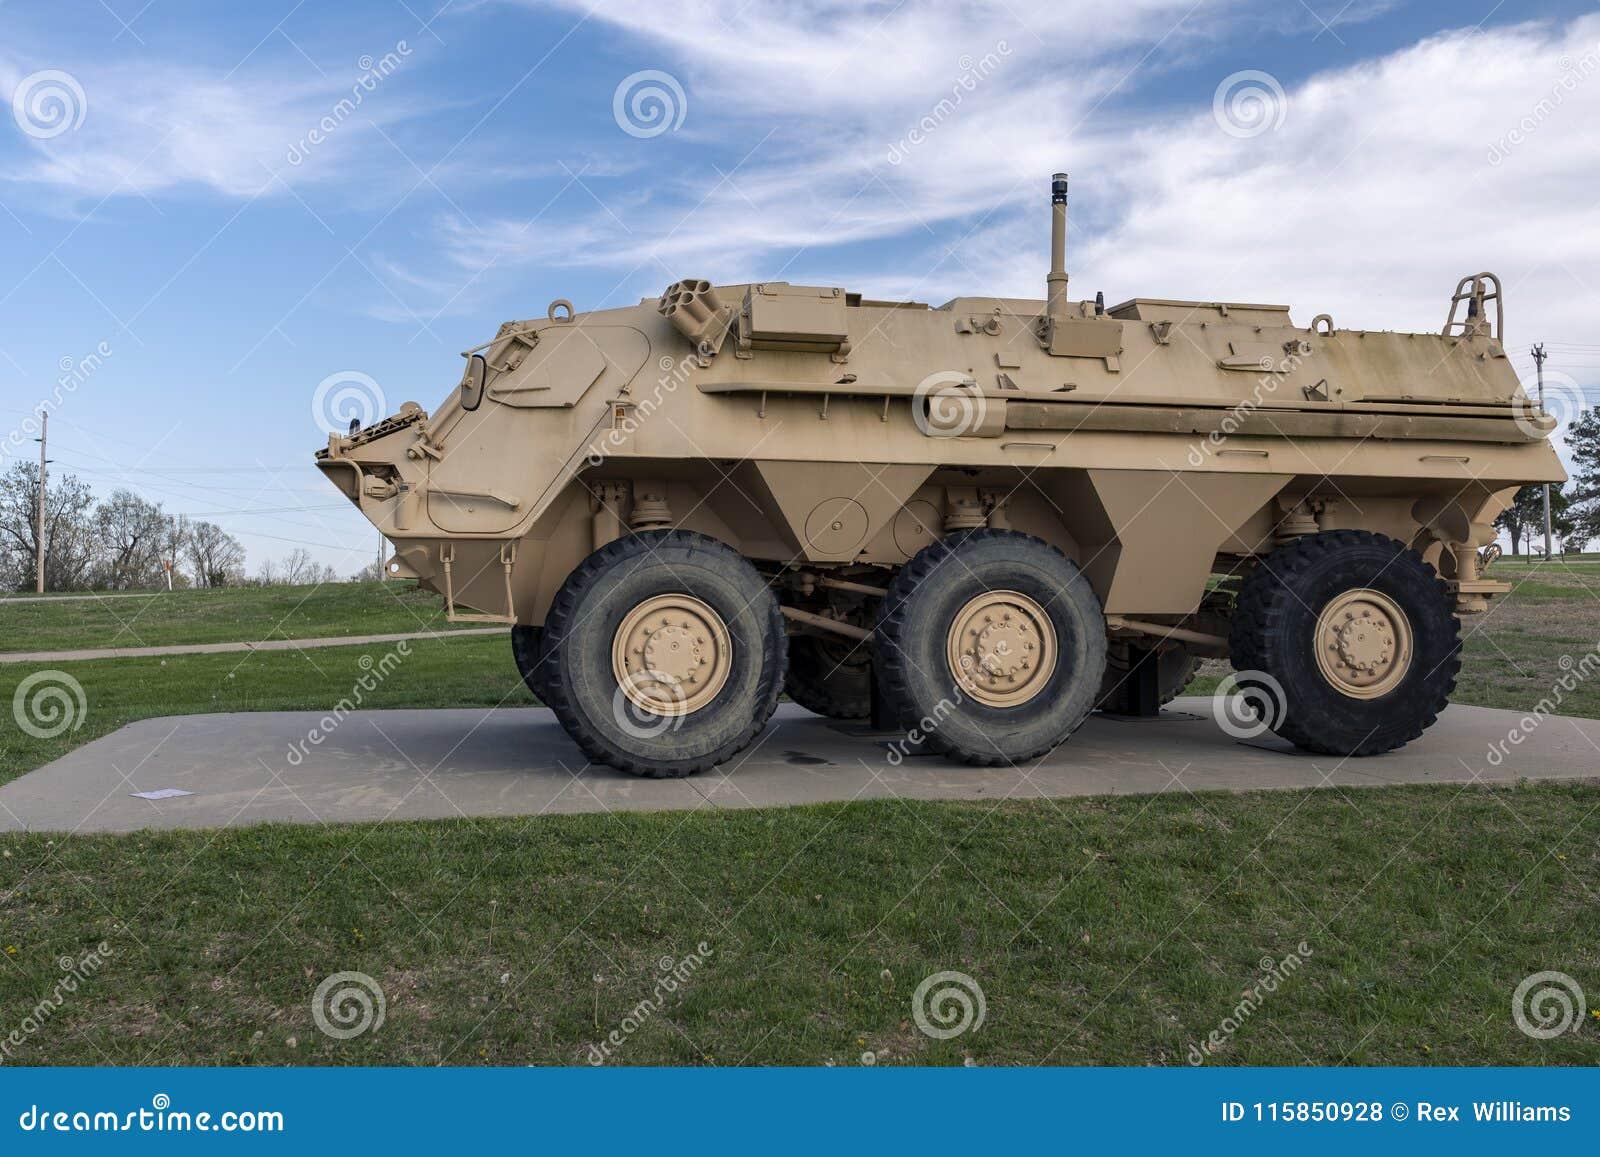 ДРЕВЕСИНА ЛЕОНАРДА ФОРТА, MO 29-ОЕ АПРЕЛЯ 2018: ЛИСА NBCRS военного транспортного средства M93A1